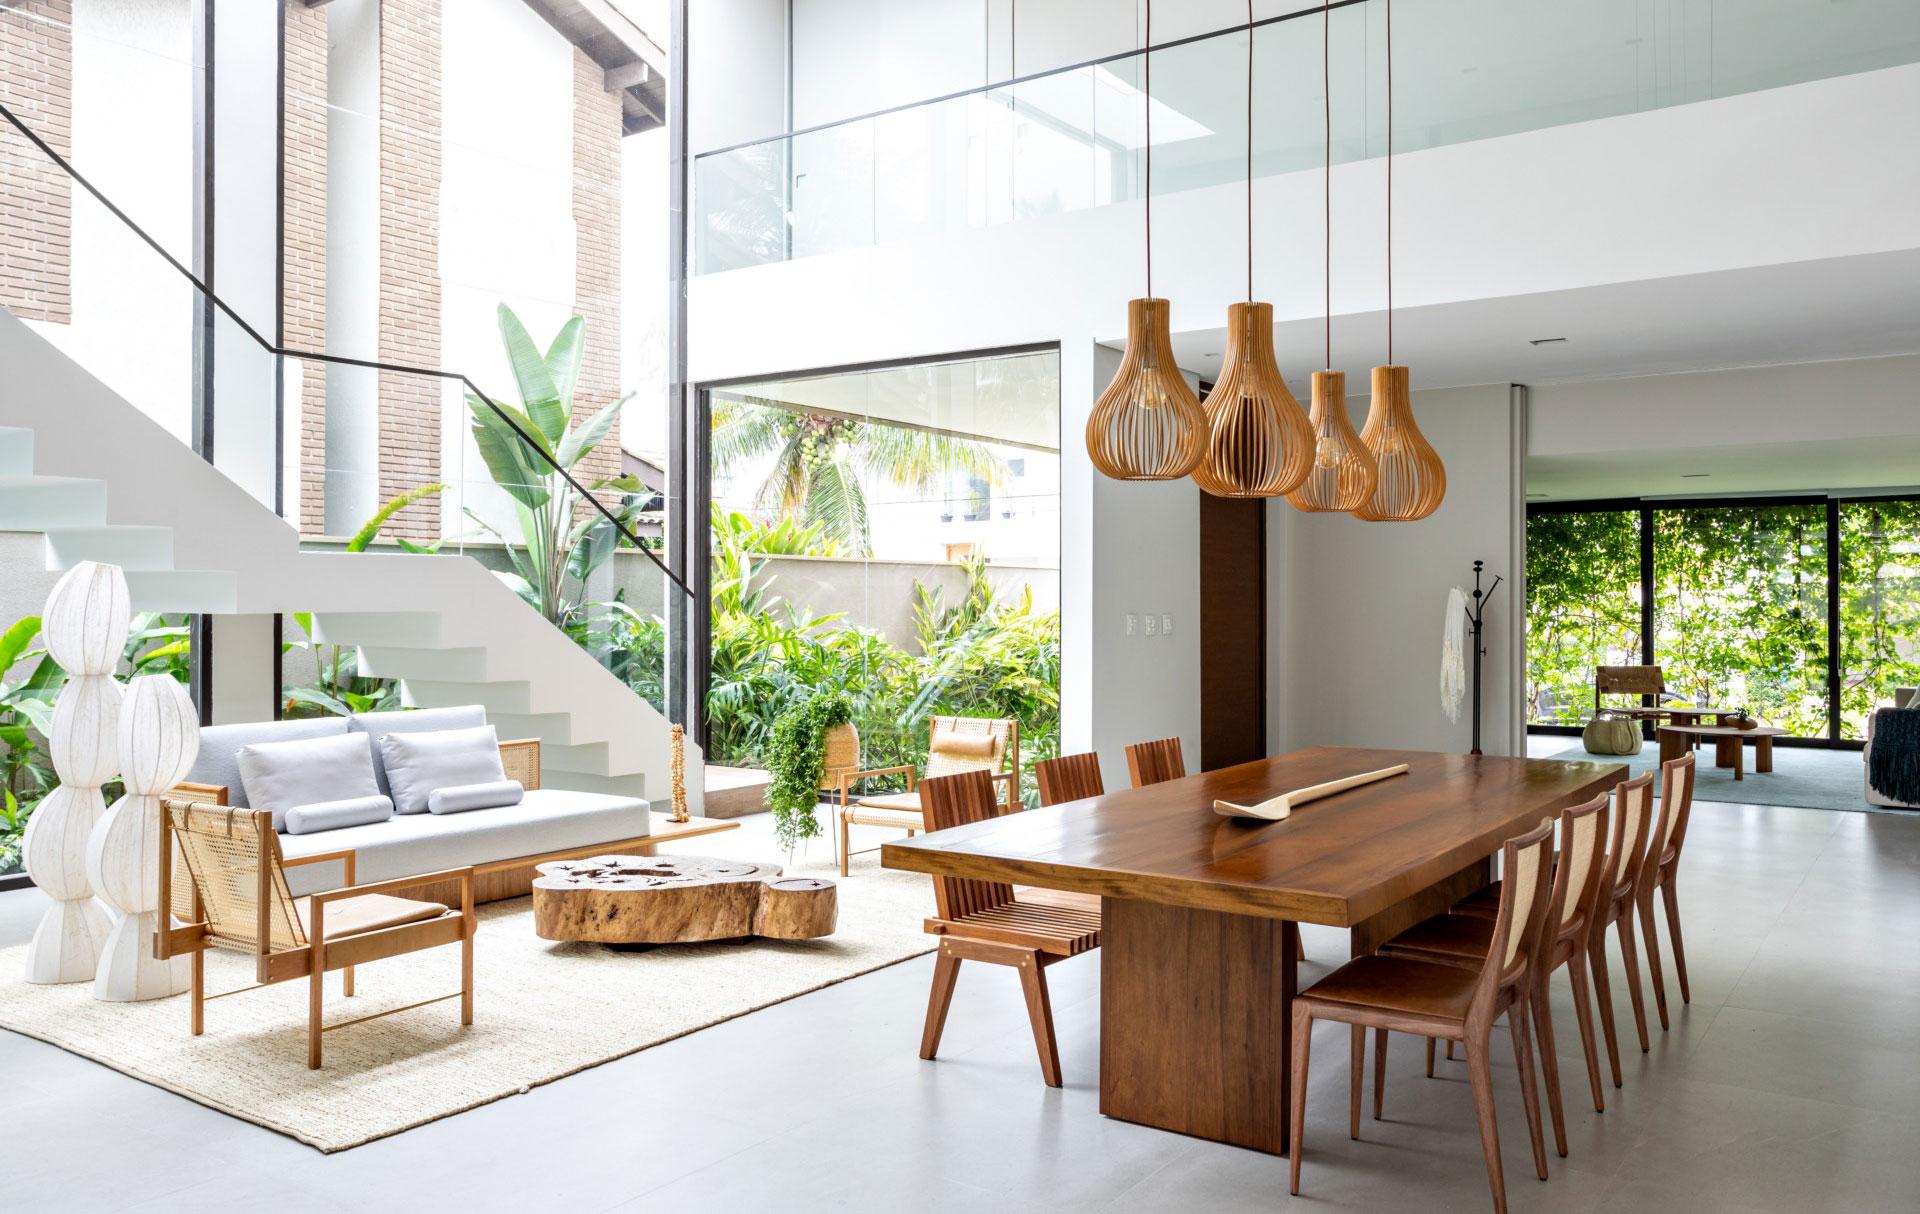 Резиденция в Бразилии по проекту Zalc Architect и Rua 141